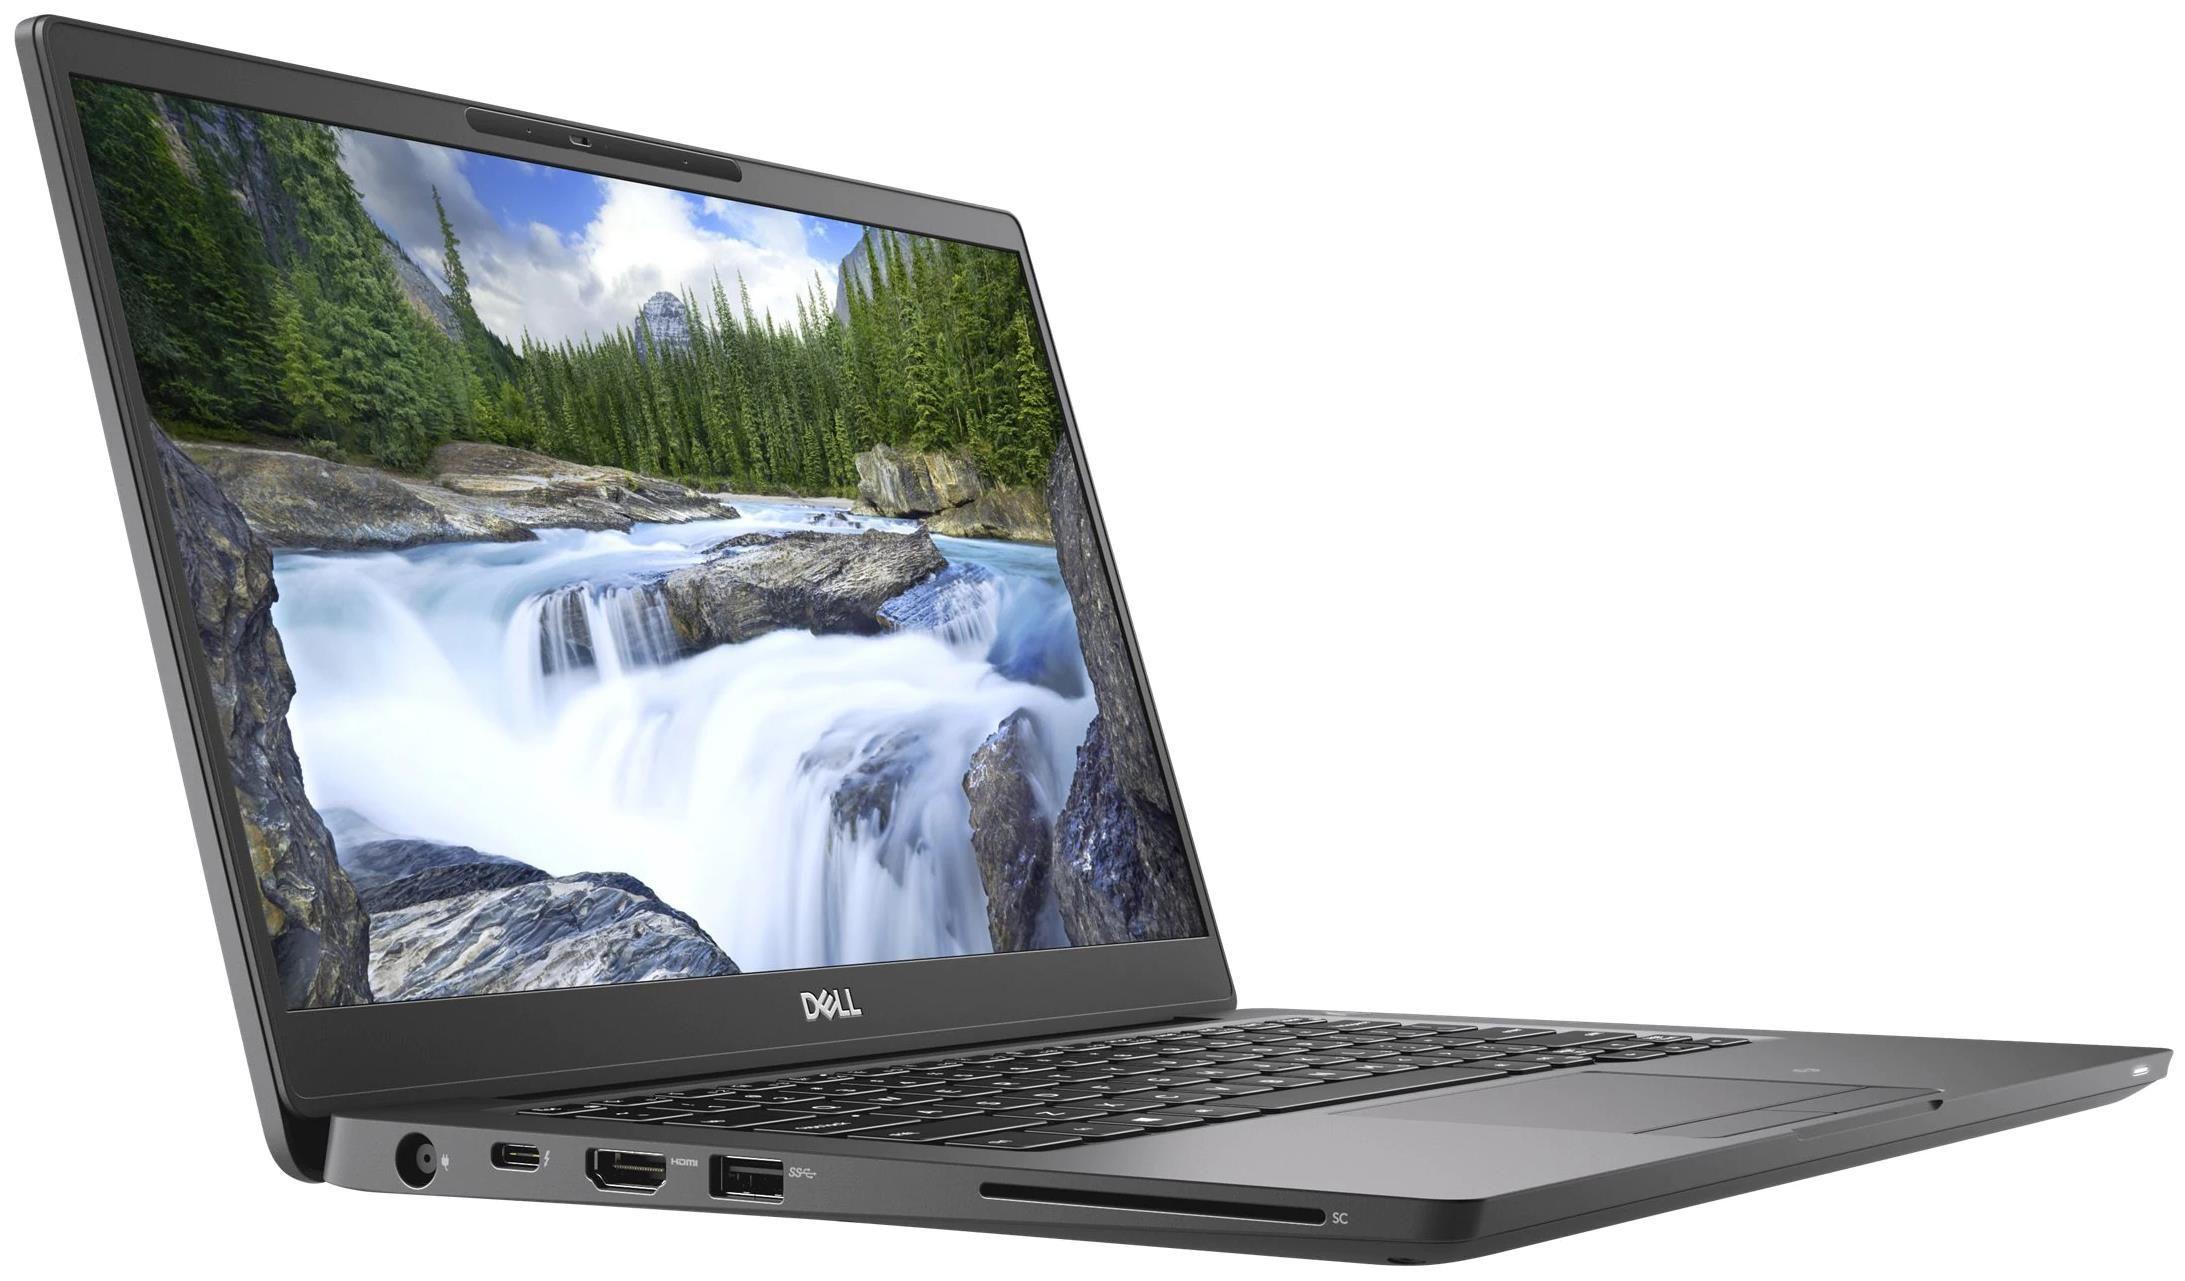 DELL Latitude 7300 Carbon Fiber 13.3'' FHD WVA AG SLP (Intel® Core™ i5-8265U, 8GB 1x8GB DDR4, M.2 256GB PCIe NVMe, Intel UHD 620 Graphics, no ODD, WiFi-AC/BT5.0, HDMI, TB3, 4 Cell 60Whr, HD Webcam, Backlit KB, Ubuntu, 1.25kg)